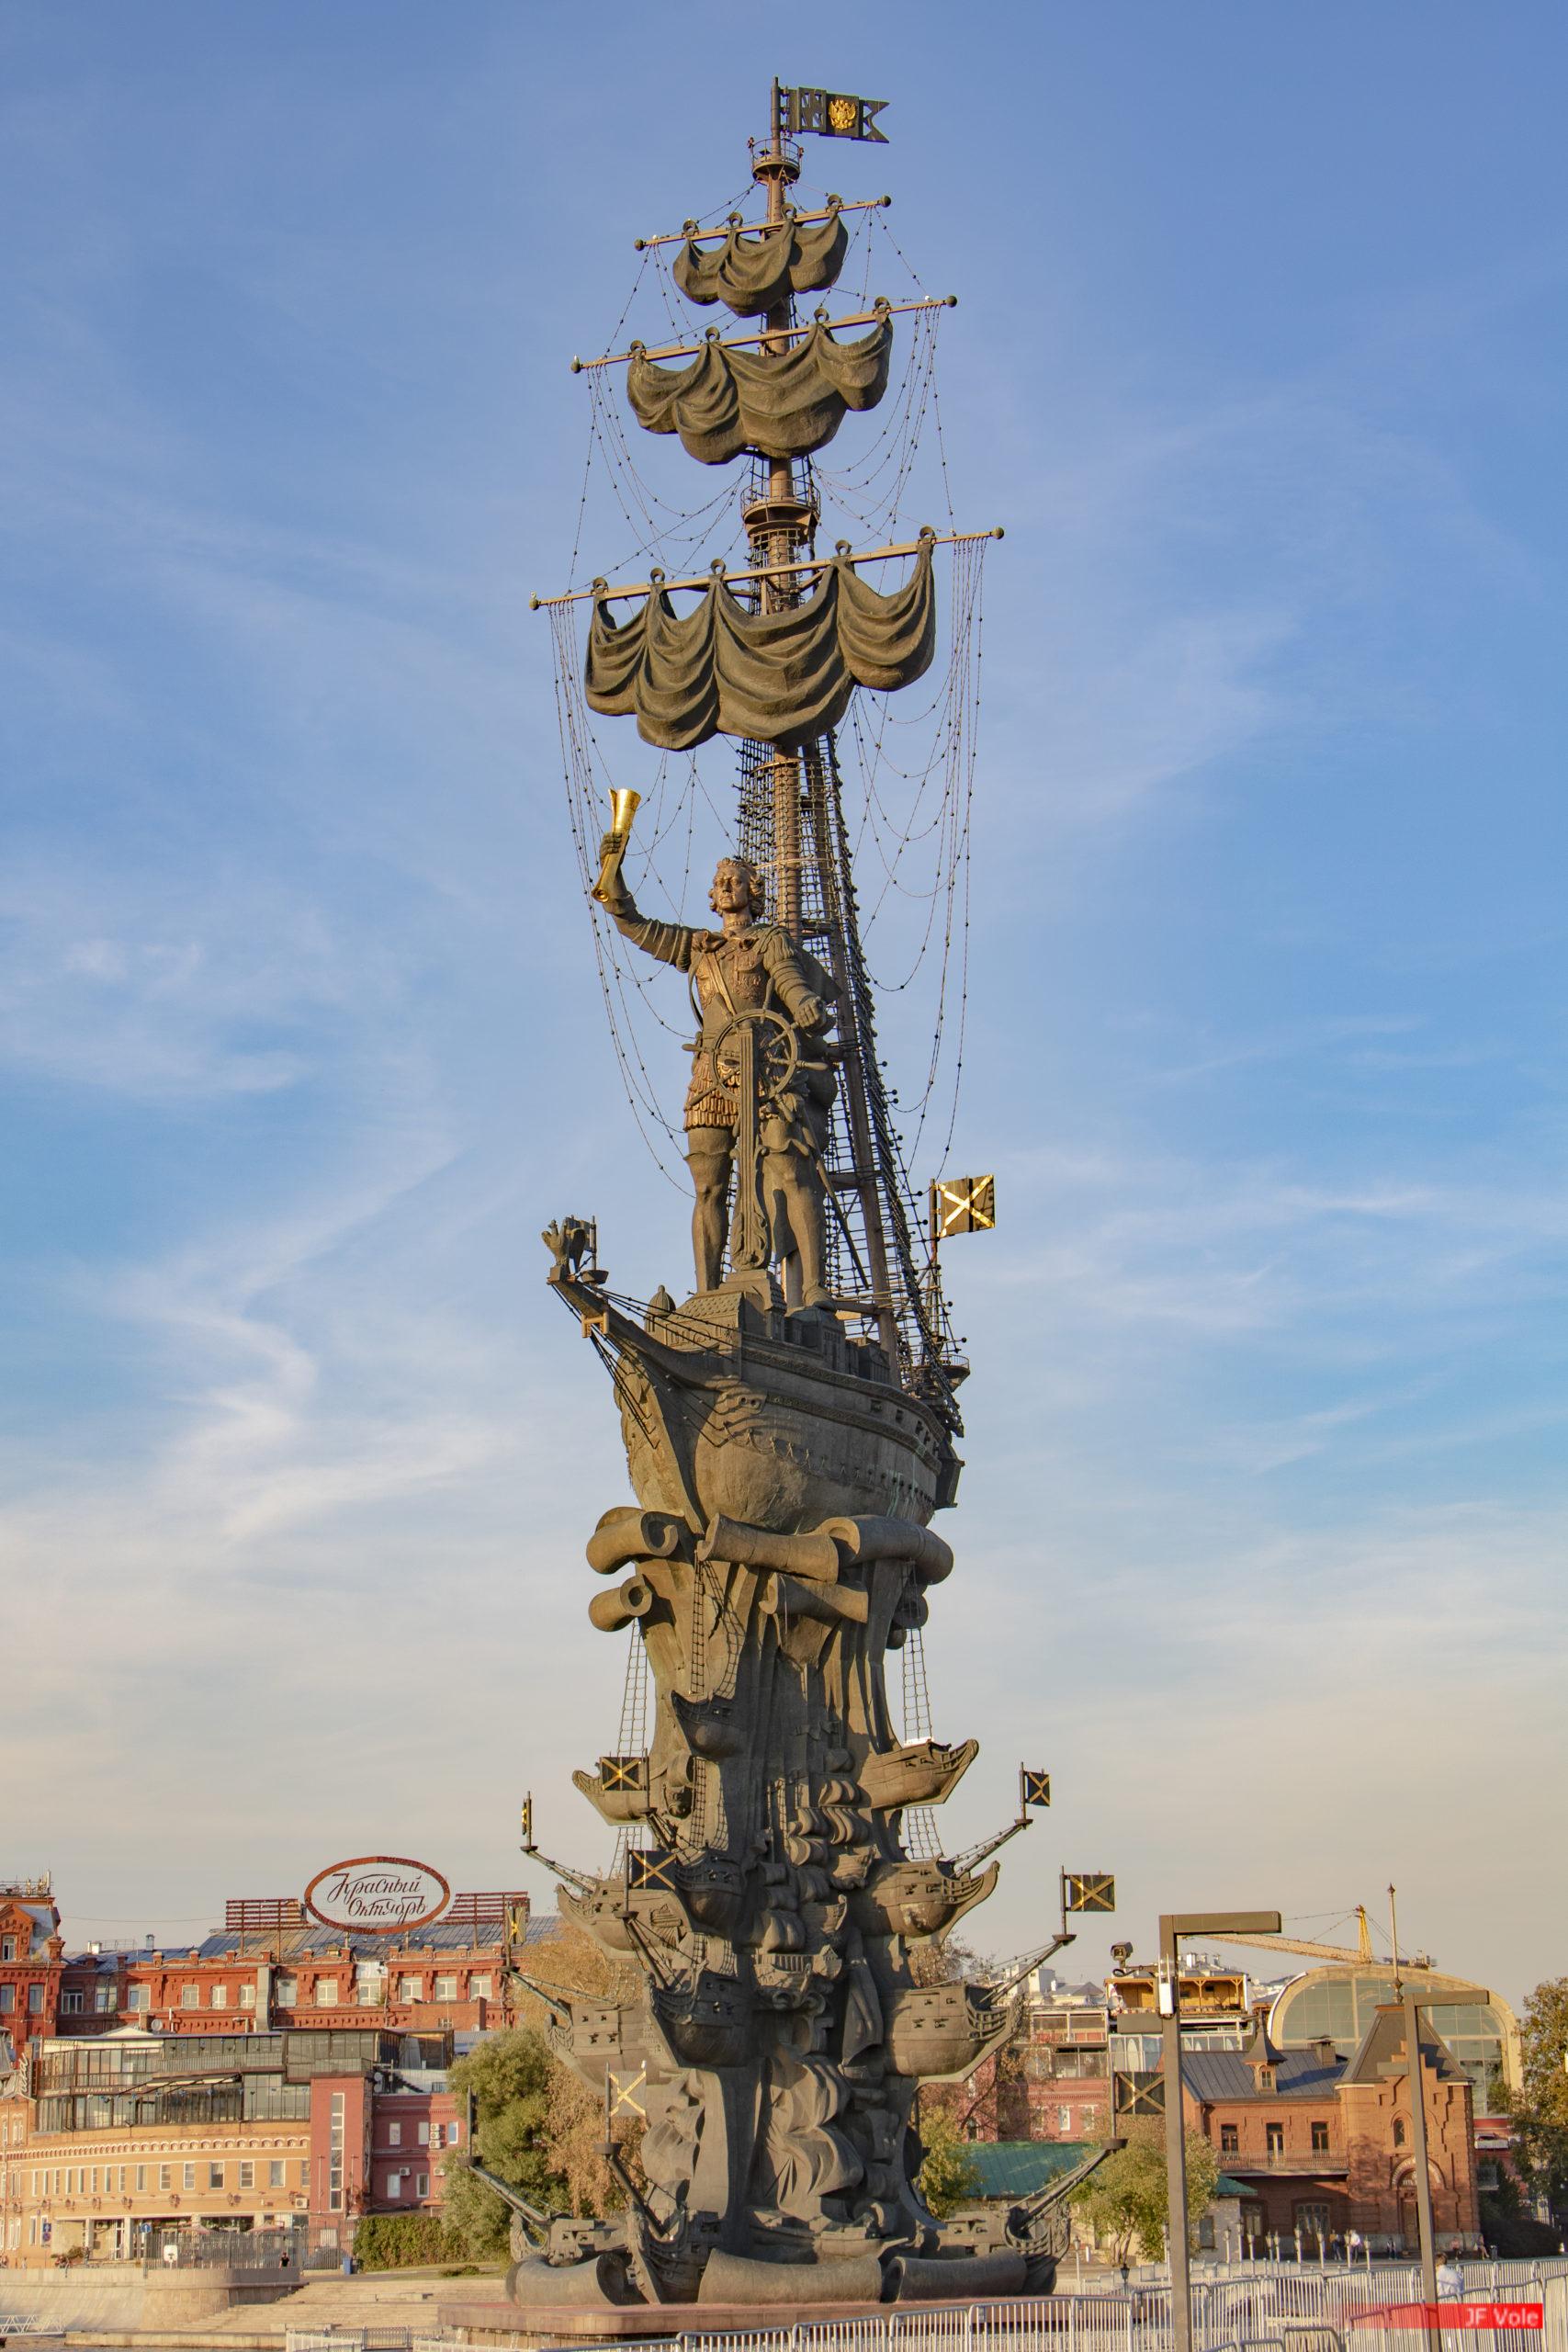 Oeuvre de l'artiste géorgien Zourab Tsereteli, érigée en 1997 sur un îlot artificiel et bras de la Moskova. D'une hauteur de 98 mètres (94,5 m1 deux fois la statue de la Liberté sans son piédestal), c'est la plus haute statue de Russie et la 7e plus haute statue du monde. Moscou, septembre 2018.